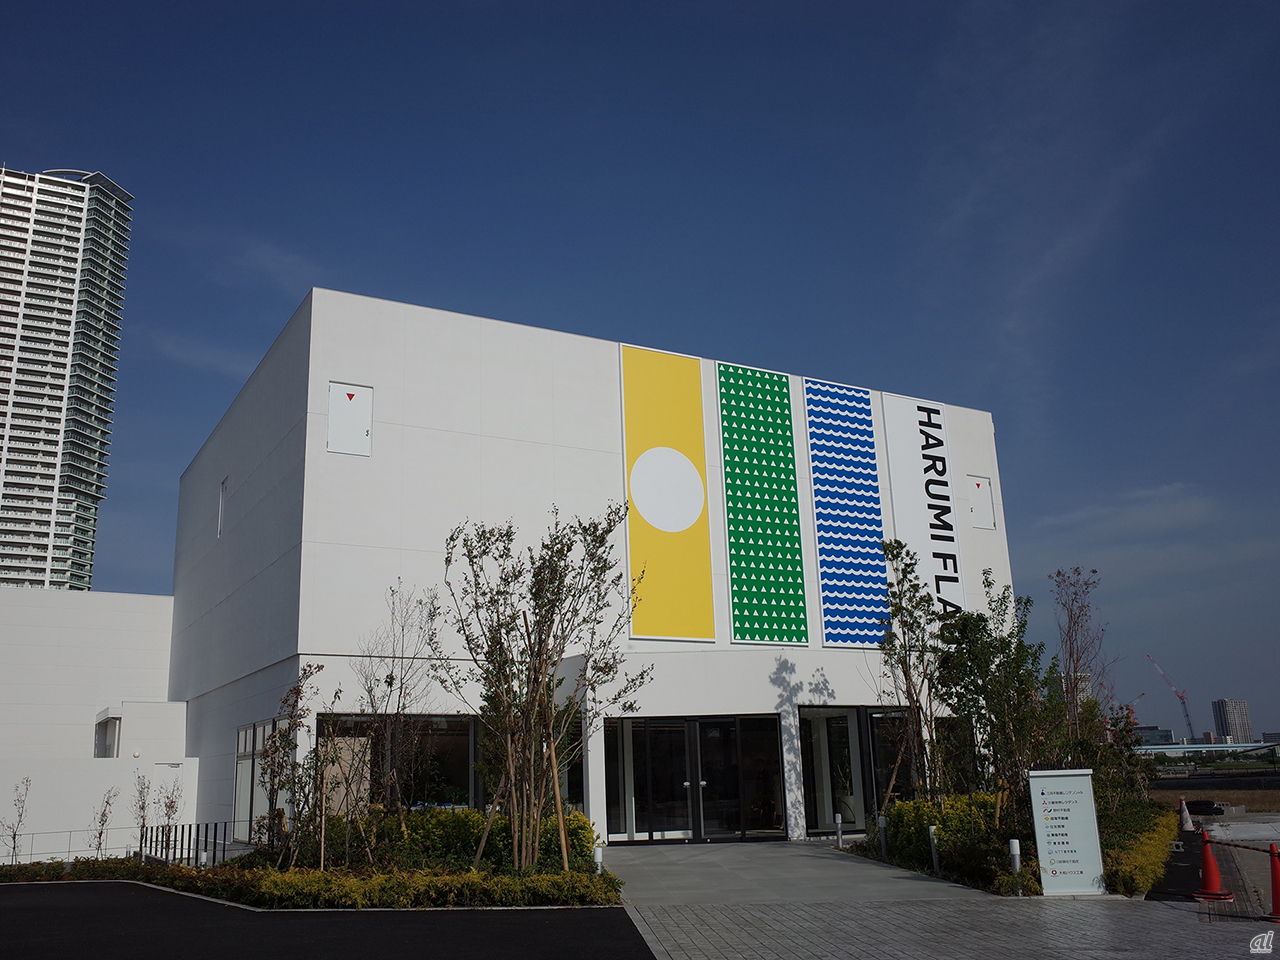 東京五輪の選手村跡地に建設予定の街「HARUMI FLAG」をAR/VRで先行体験!